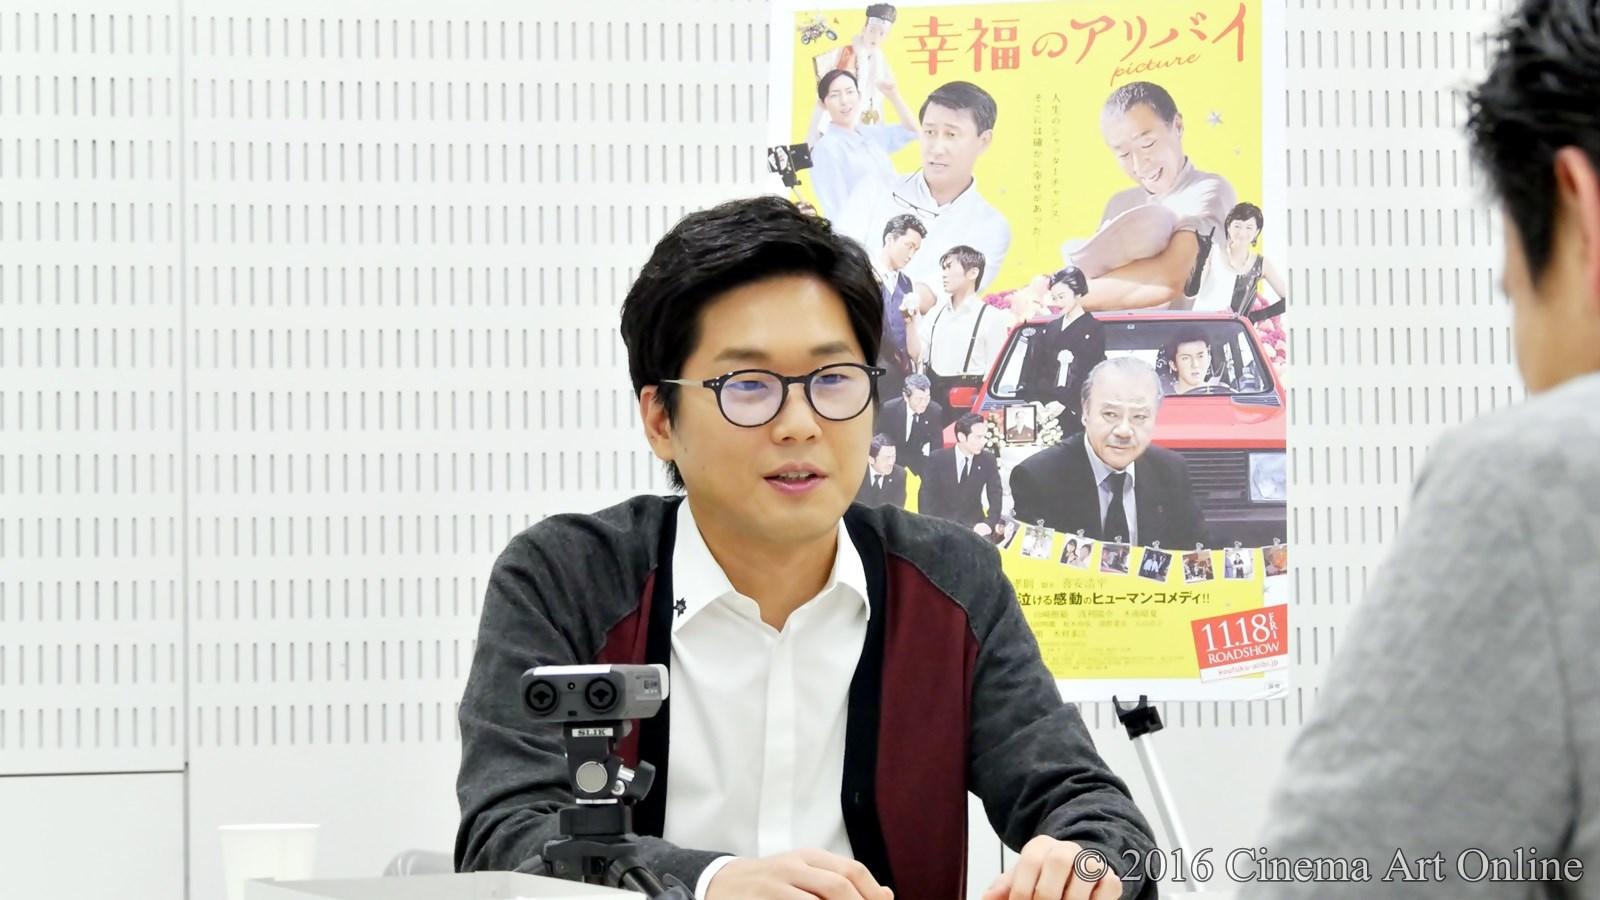 【写真】映画『幸福のアリバイ~Picture~』 山崎樹範インタビュー